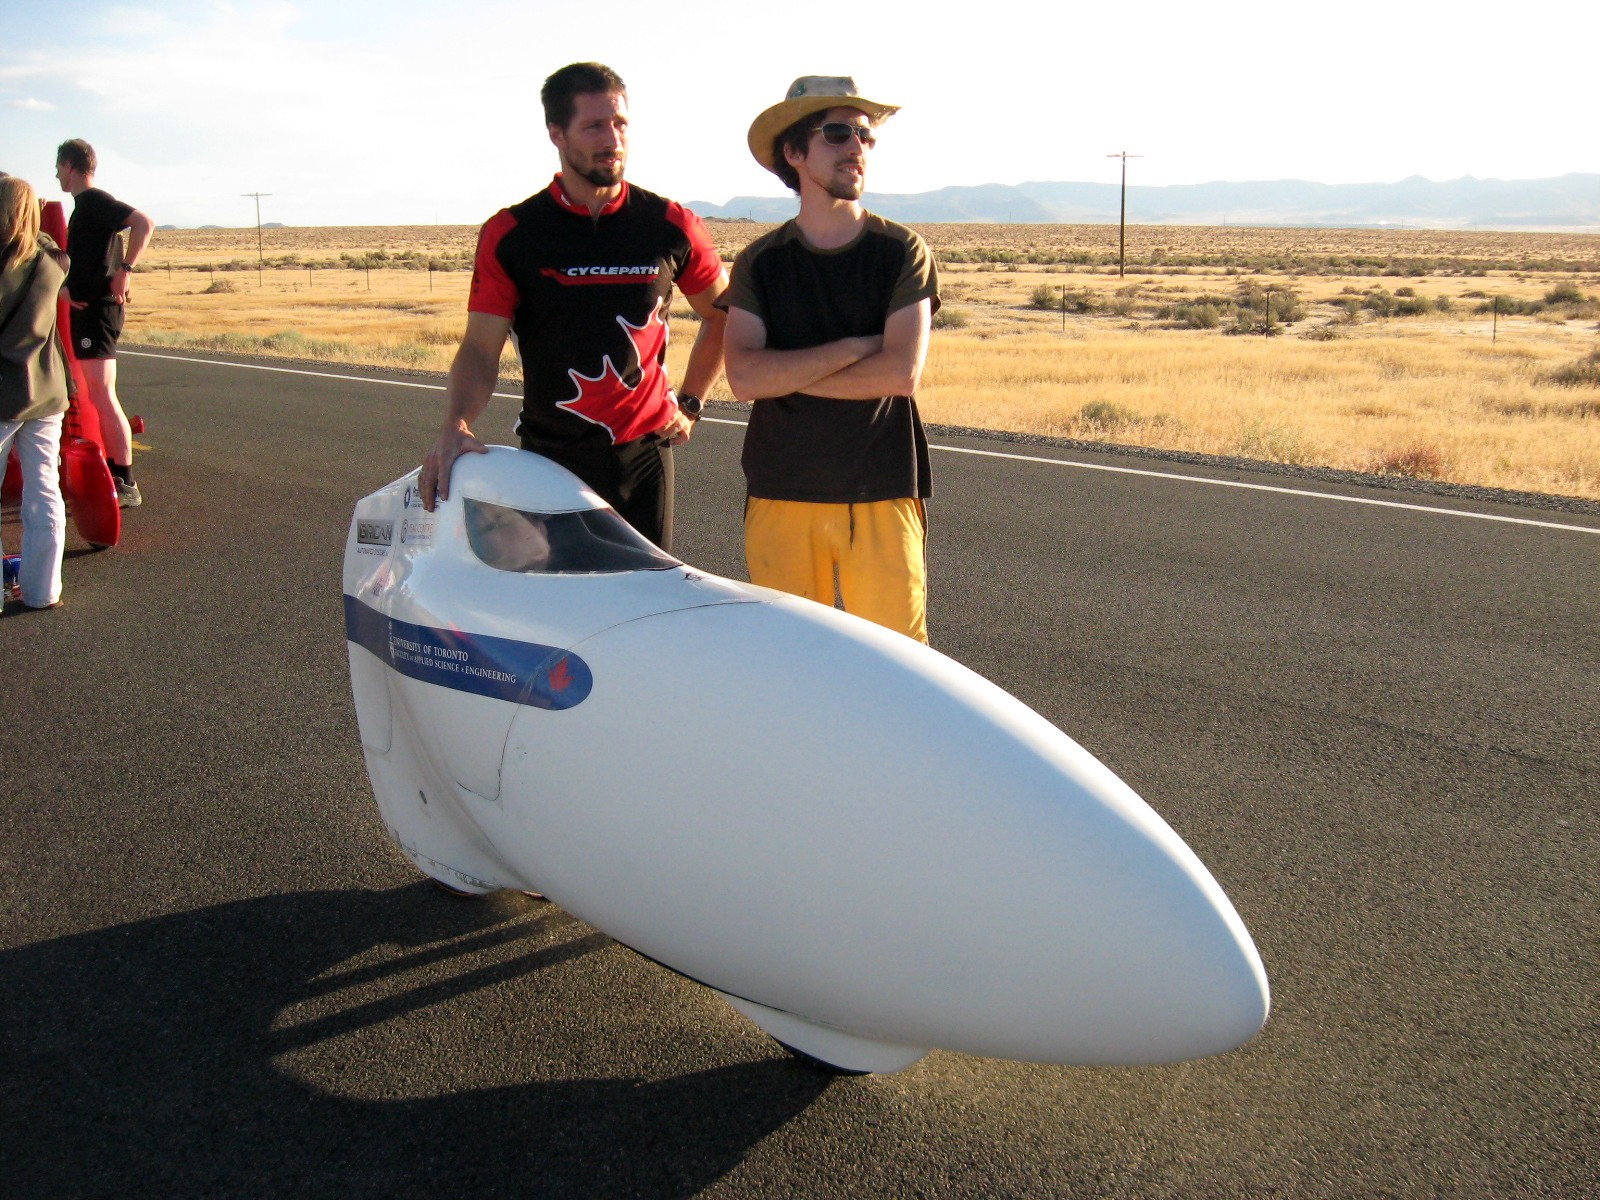 Vortex (2011) Top Speed: 116.92 km/hr